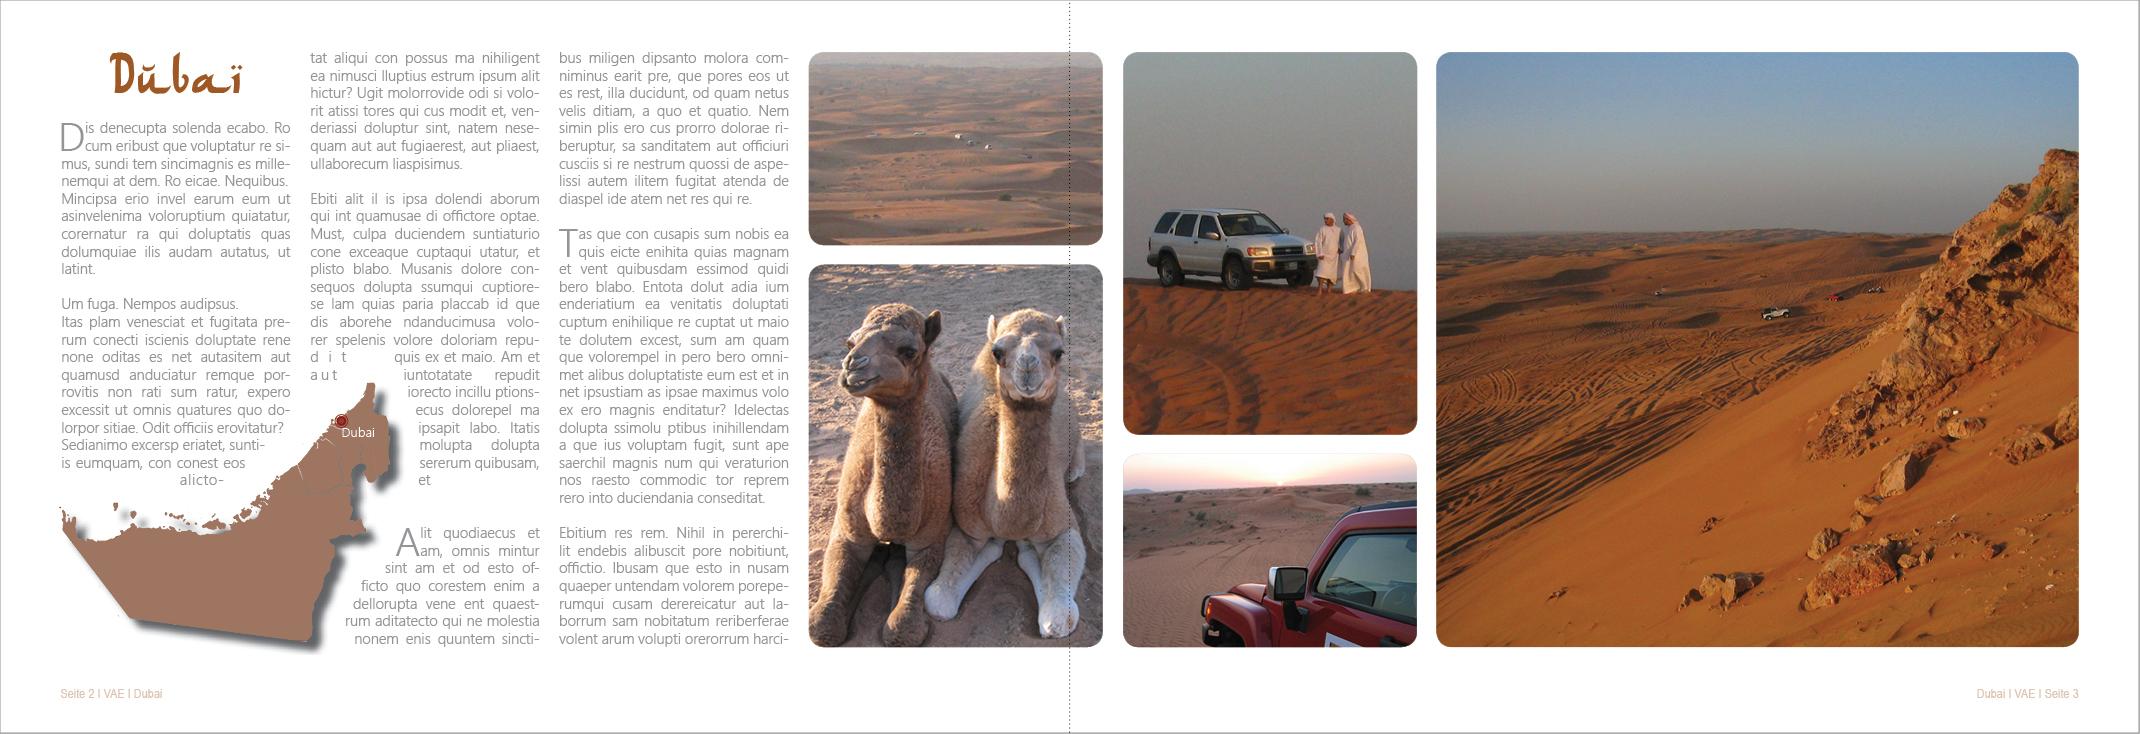 Gestaltungsrichtlinien für ein Fotobuch